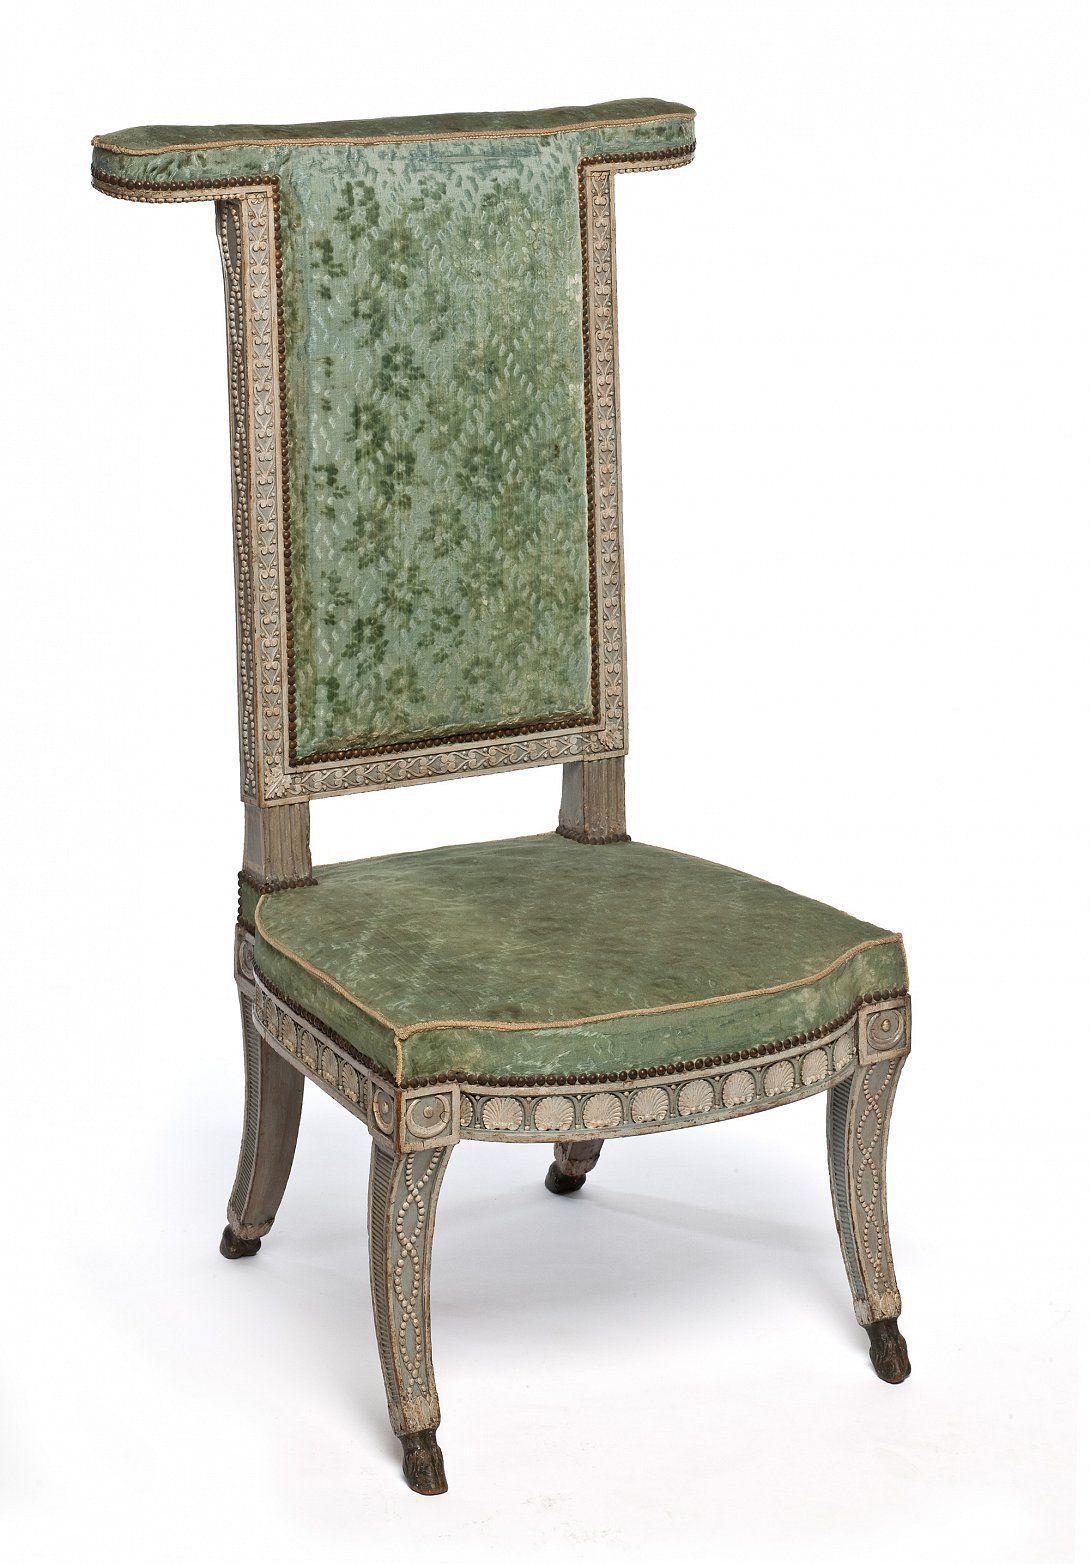 Sene Paire De Chaises Voyeuses 1789 Nissim De Camondo Louis